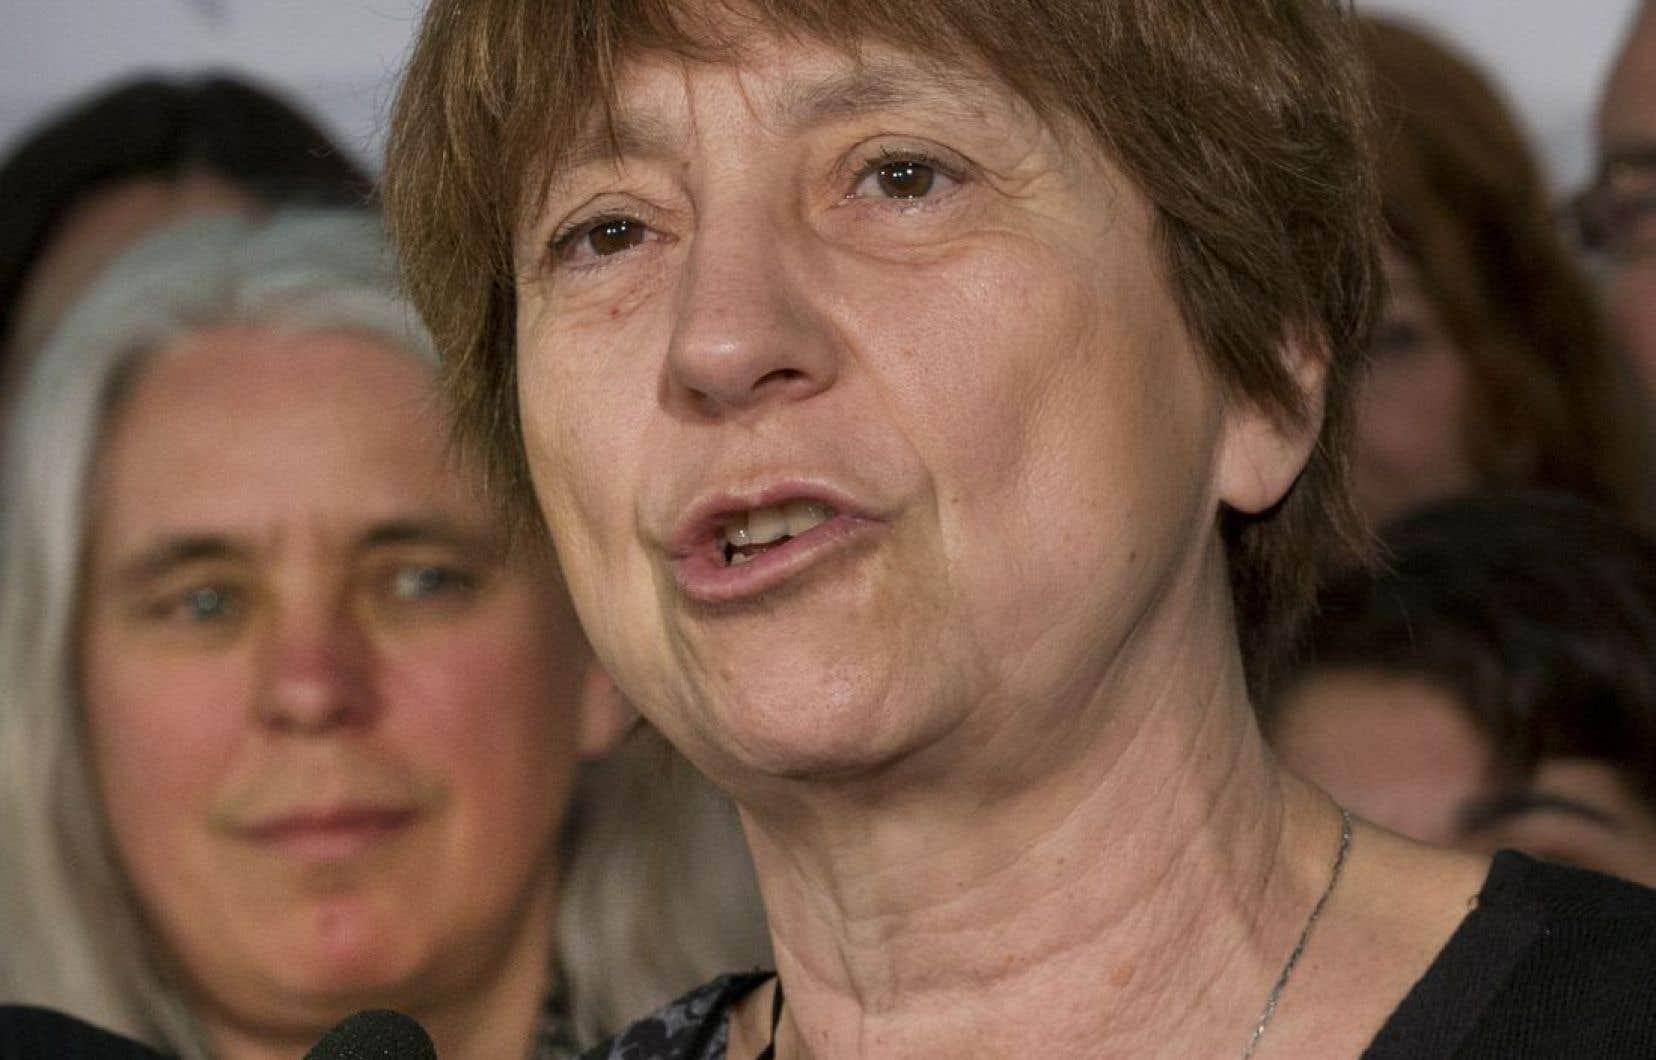 « Il faut appeler un chat, un chat », a insisté Françoise David, qui s'est indignée de l'agression subie par une femme voilée, mardi à Montréal.